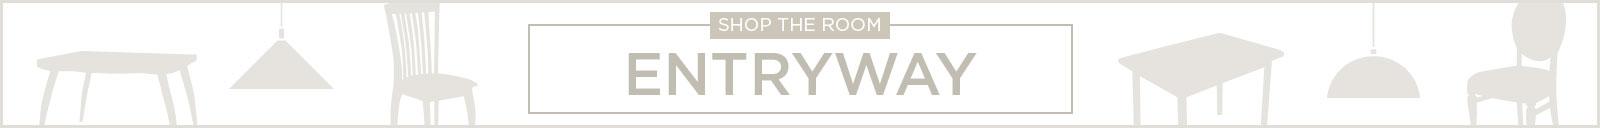 Shop Entryway Ideas